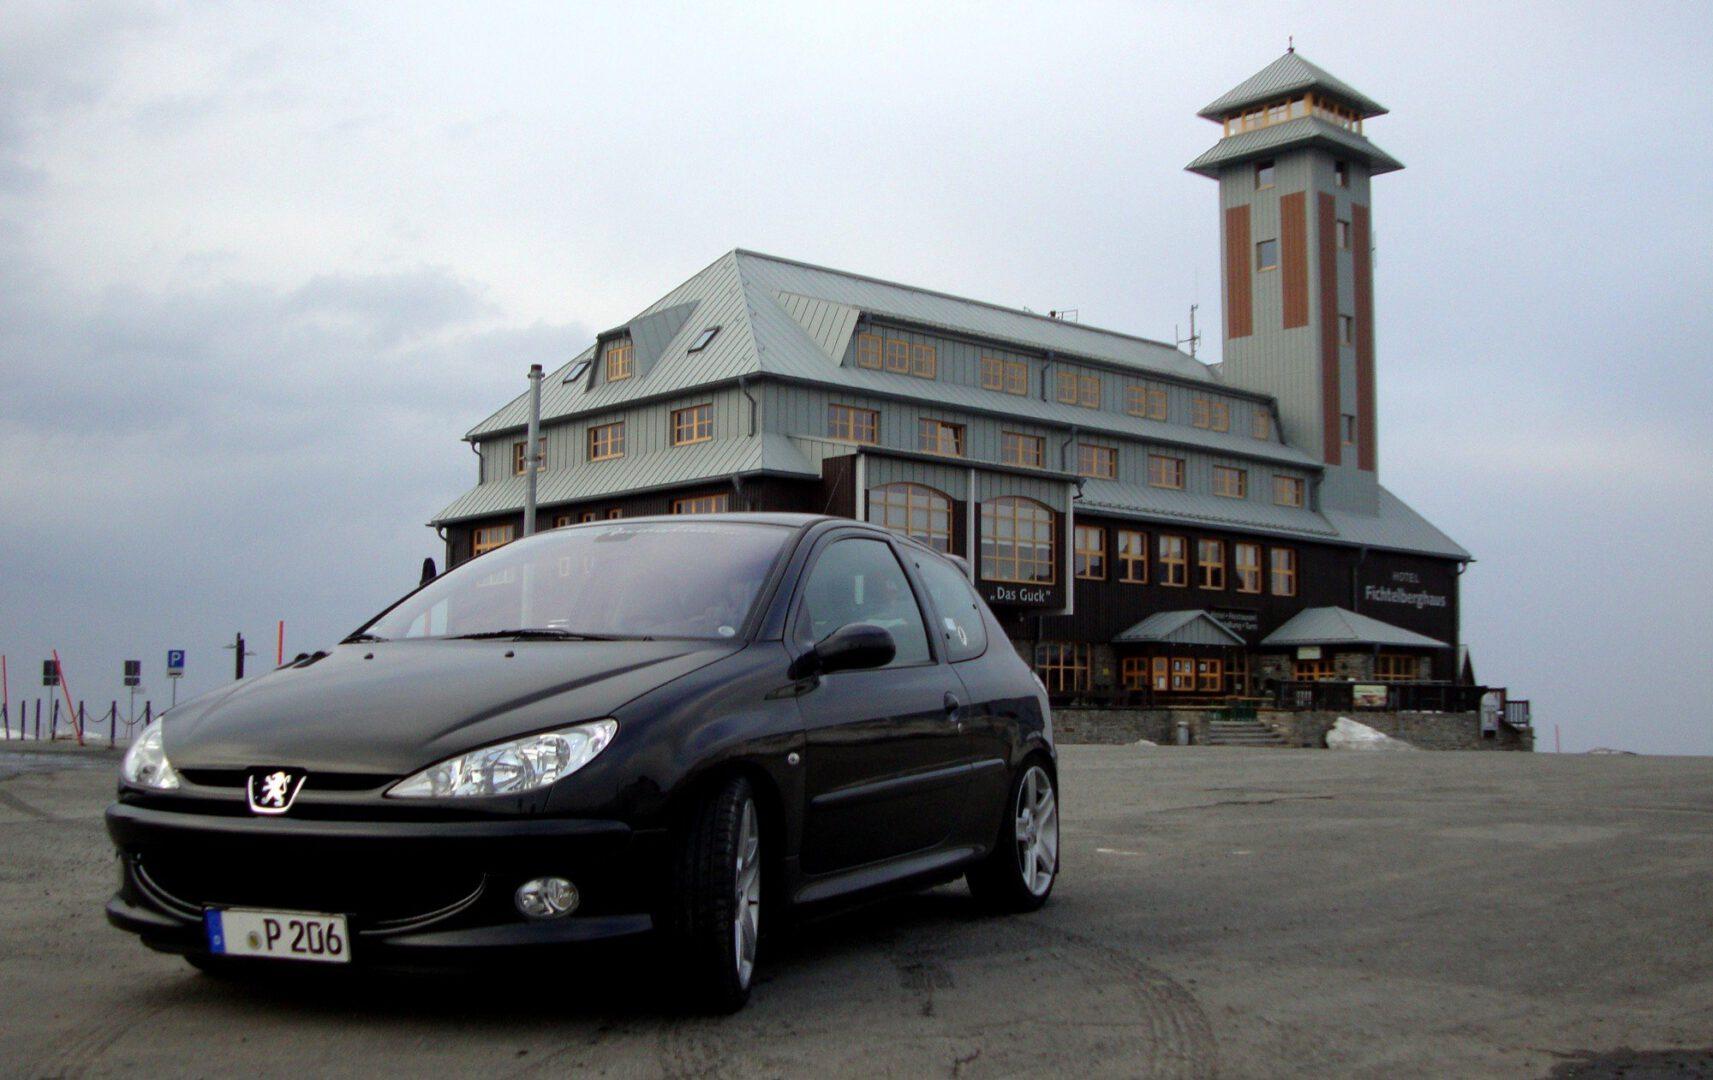 Flo's Peugeot 206 RC 2,0 16v - Black Beauty